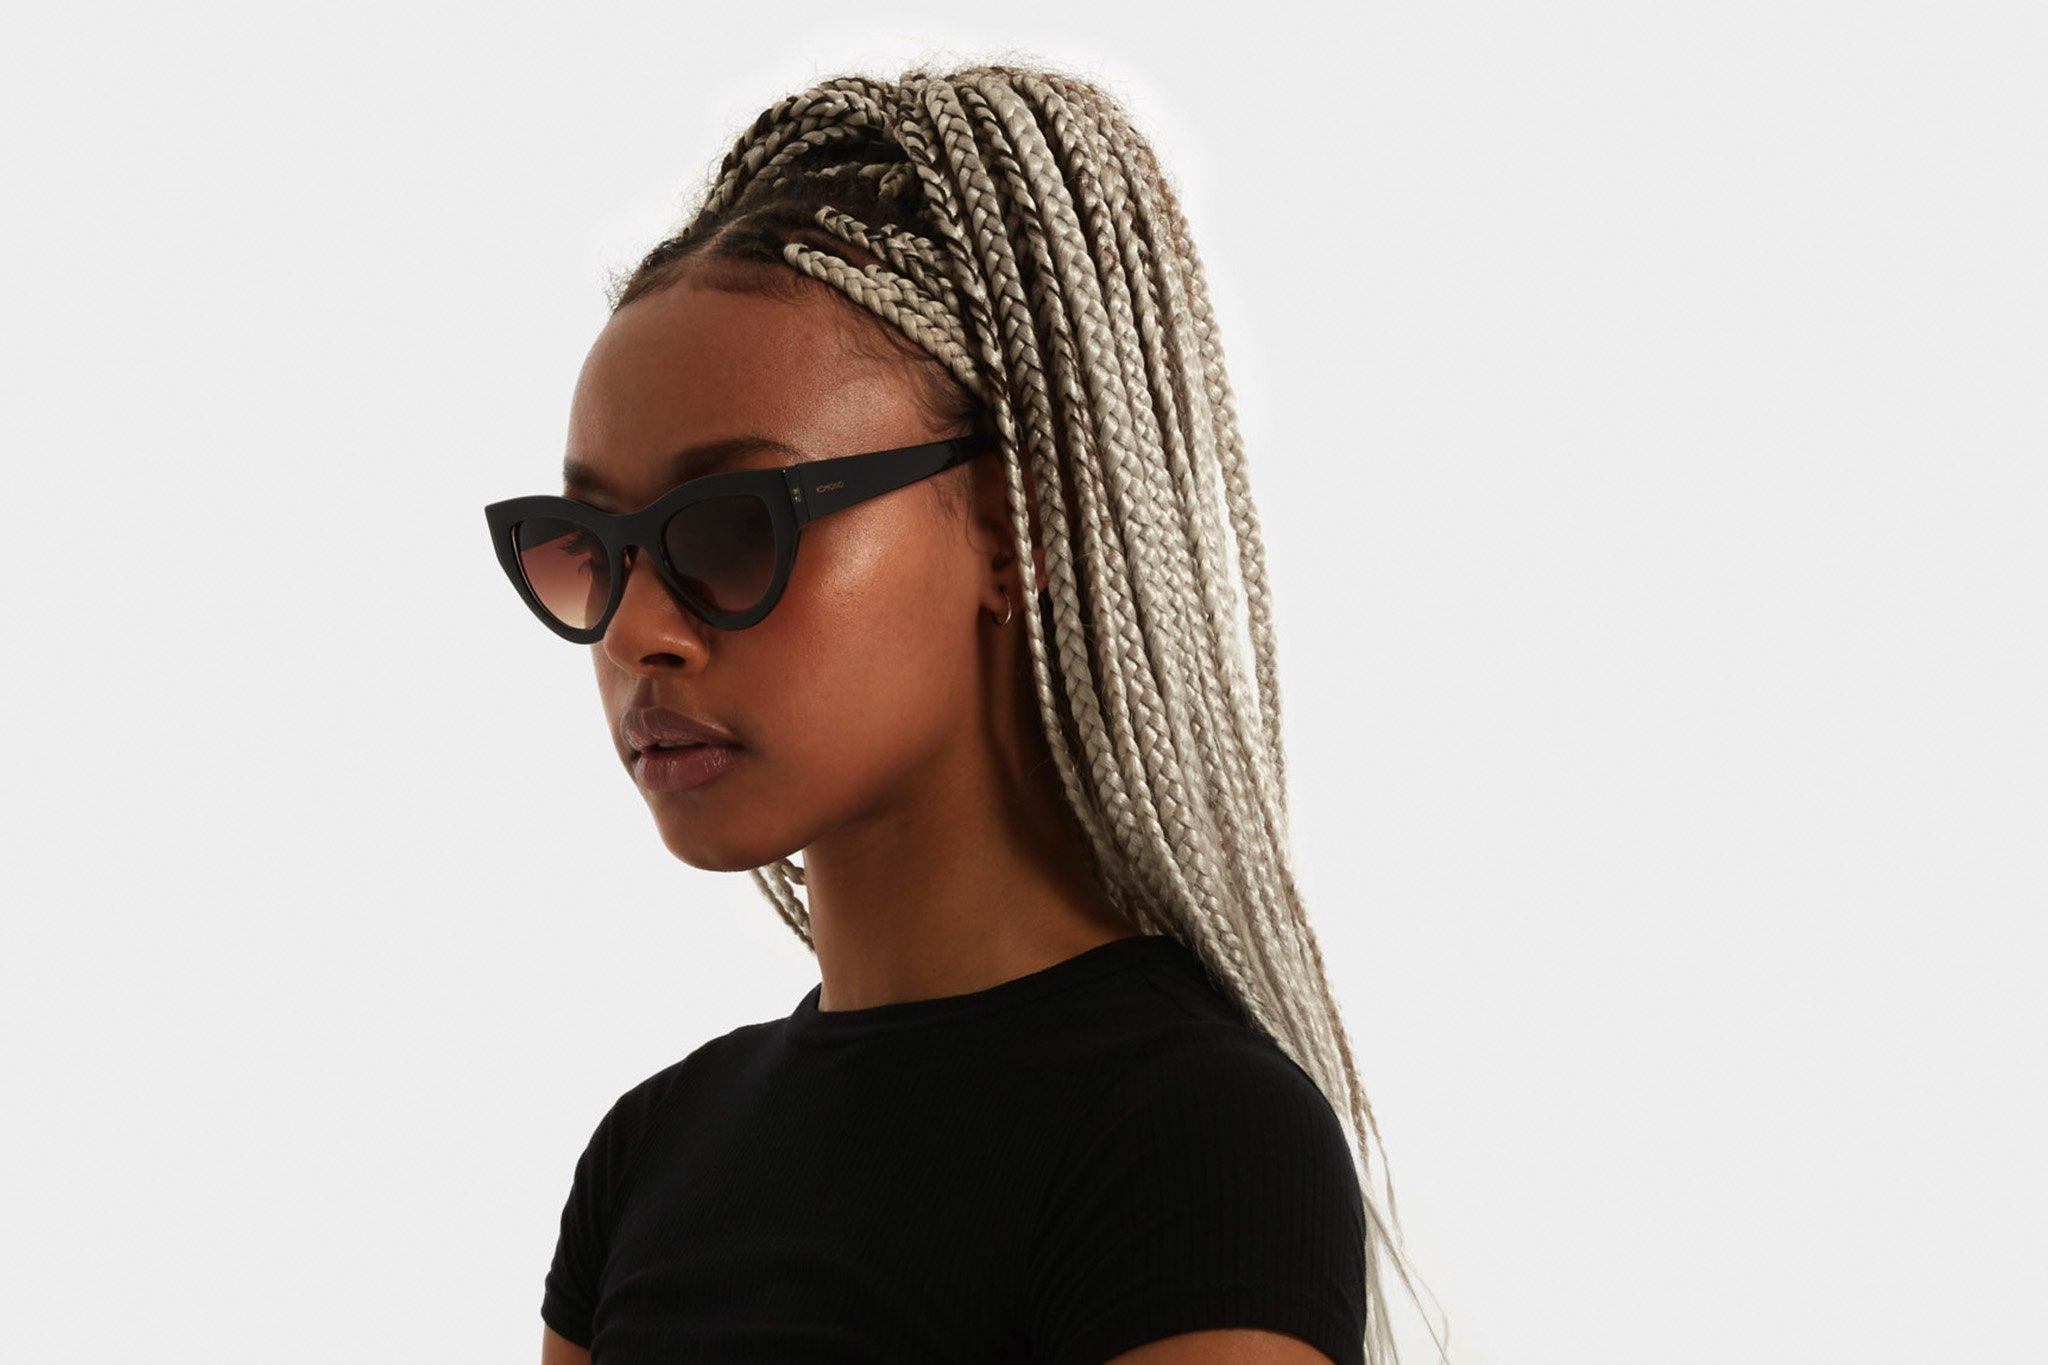 Κοκάλινα γυναικεία γυαλιά ηλίου πεταλούδα Komono Phoenix Black Tortoise σε μαύρο καφέ ταρταρούγα σκελετό και καφέ ντεγκραντέ φακούς.